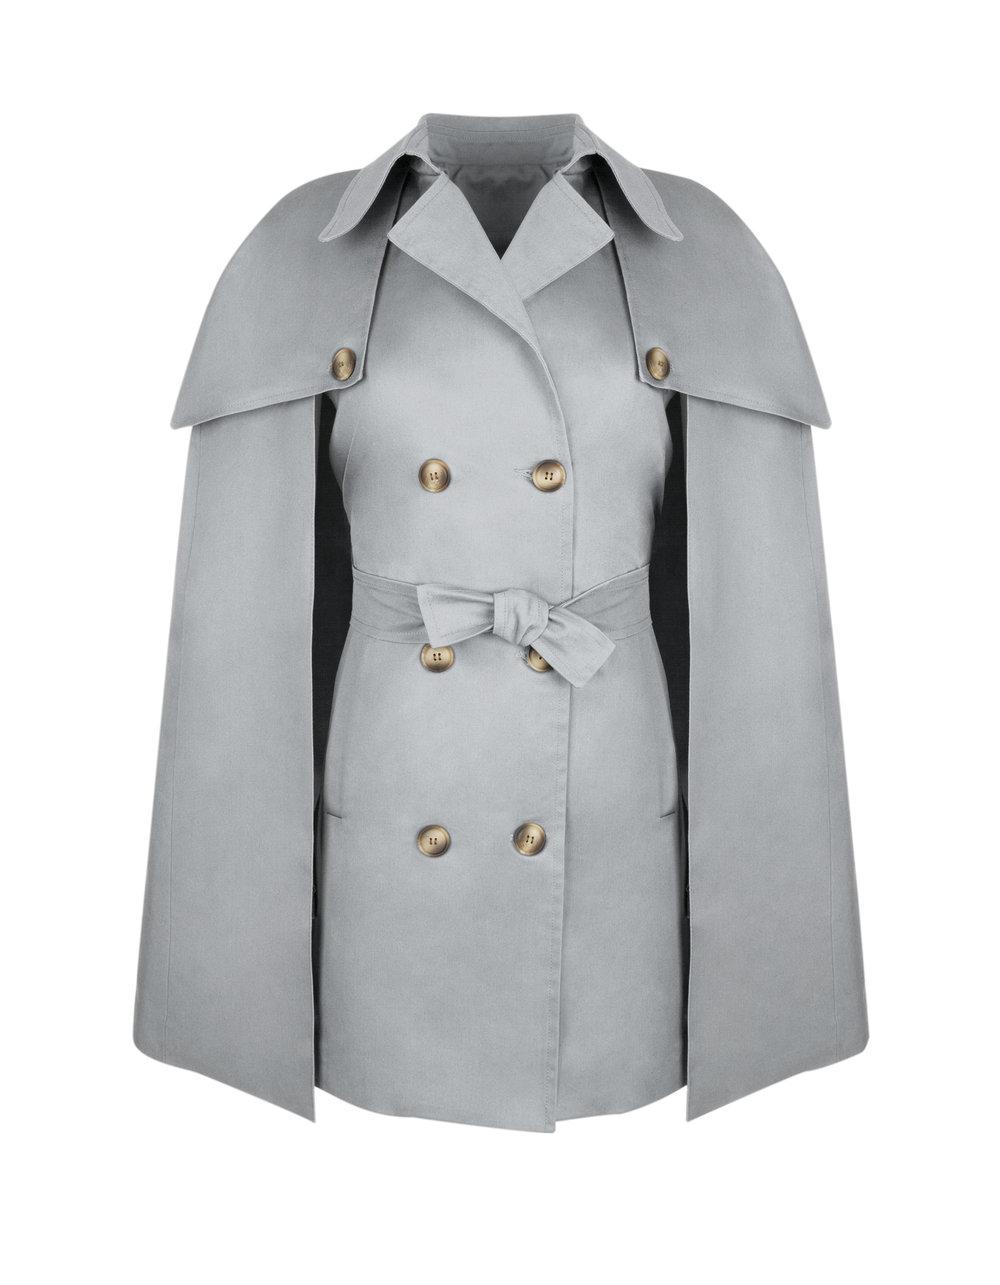 final grey coat FRONT .jpg